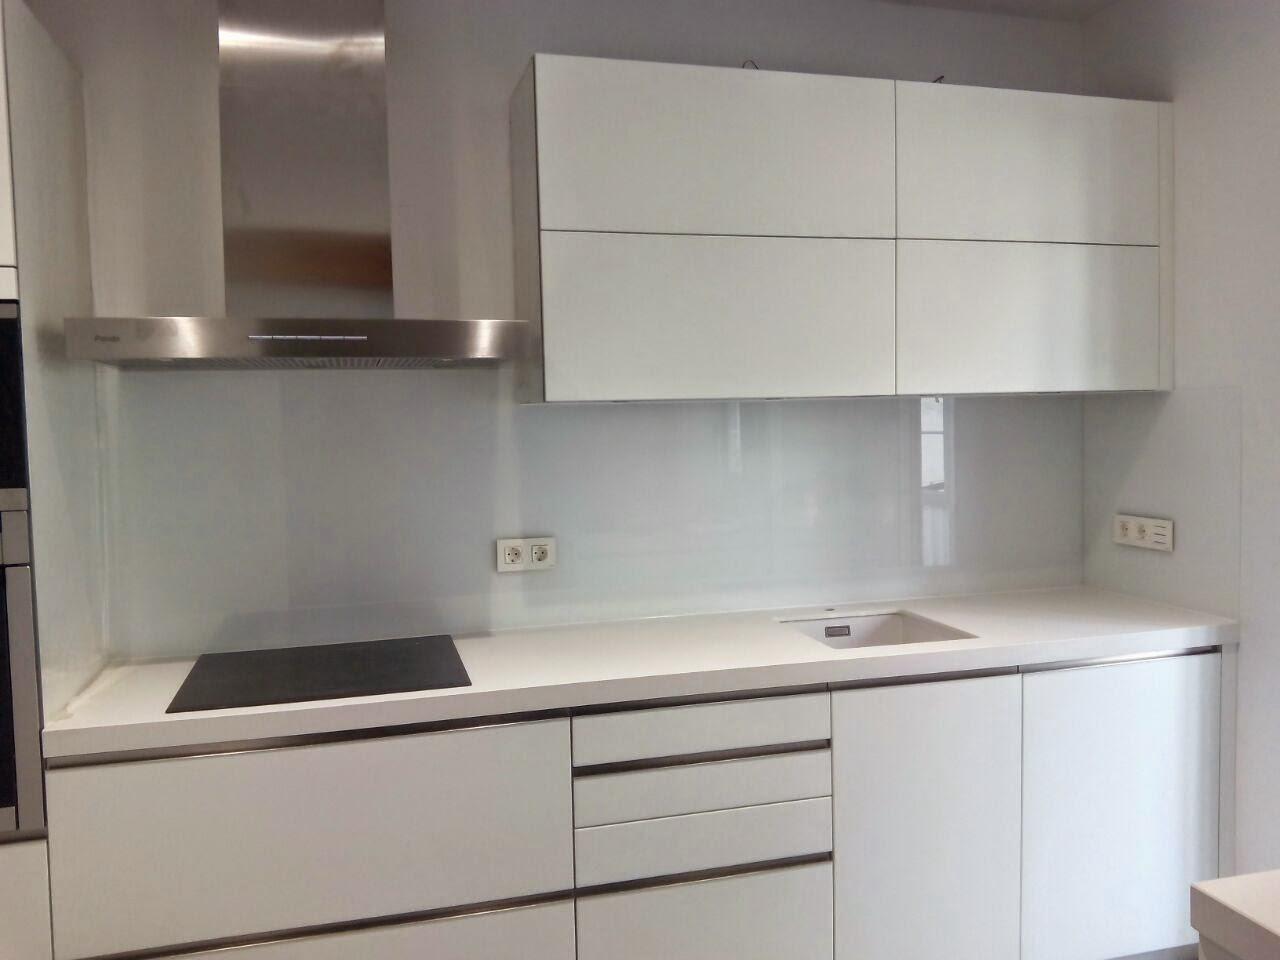 Alucrystall frontal de cocina forrado y puerta corredera for Cristal para cocina